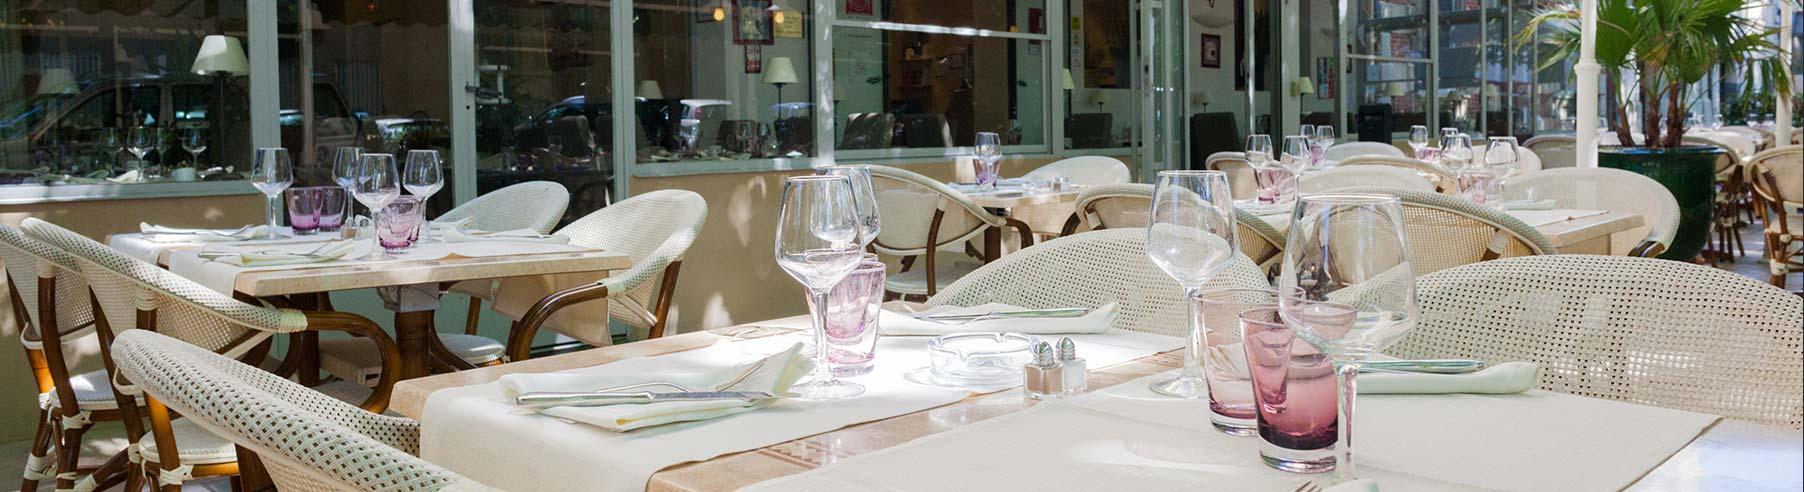 Hotel-Le-Cours---Restaurant-exterieur